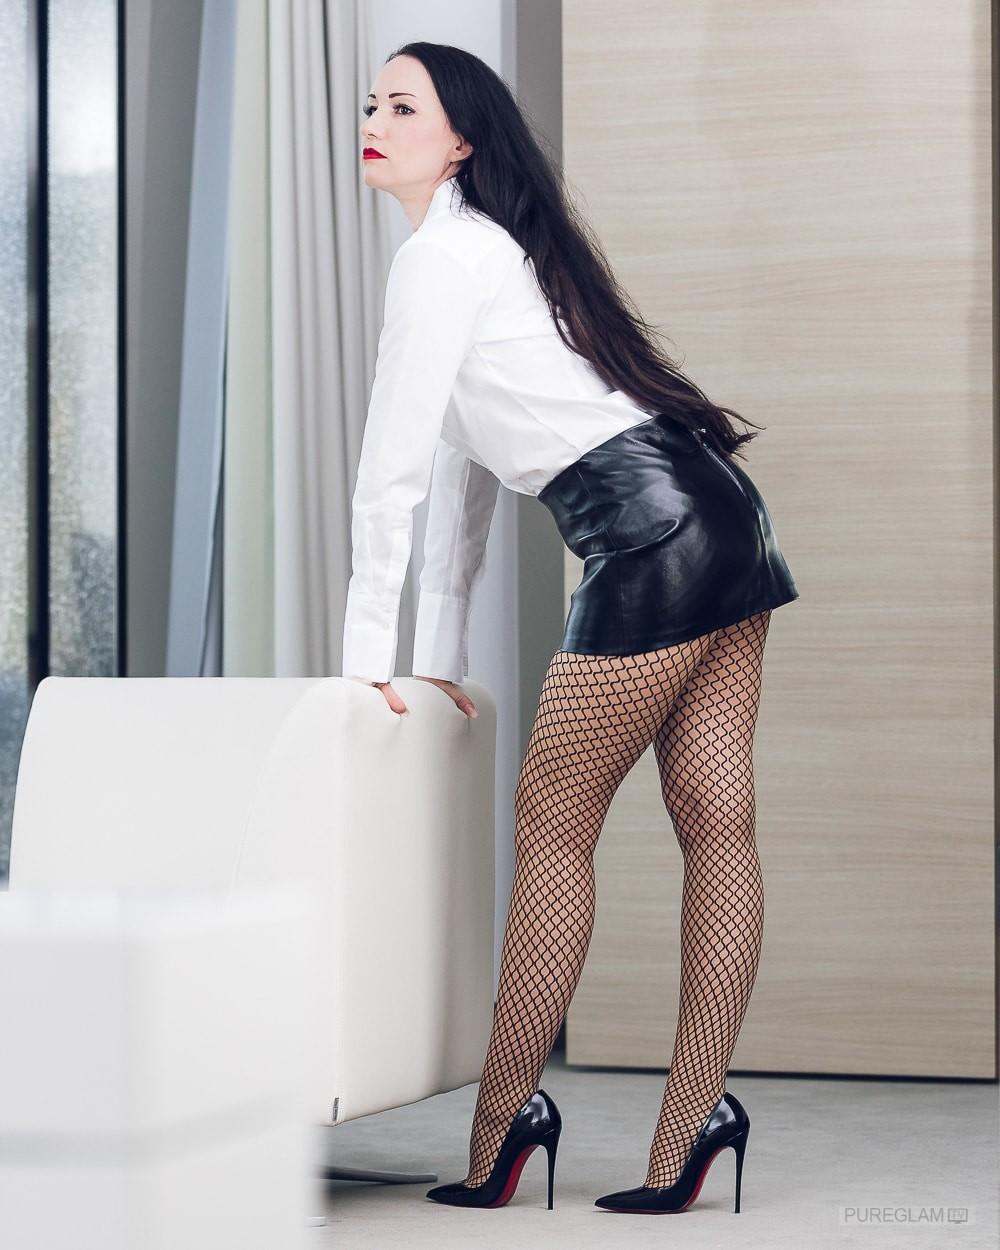 Ladylike-elegant-HighHeels-Lack-Minirock-Bluse-Netzstrumpfhose-Fishnet-tights-OOTD-005